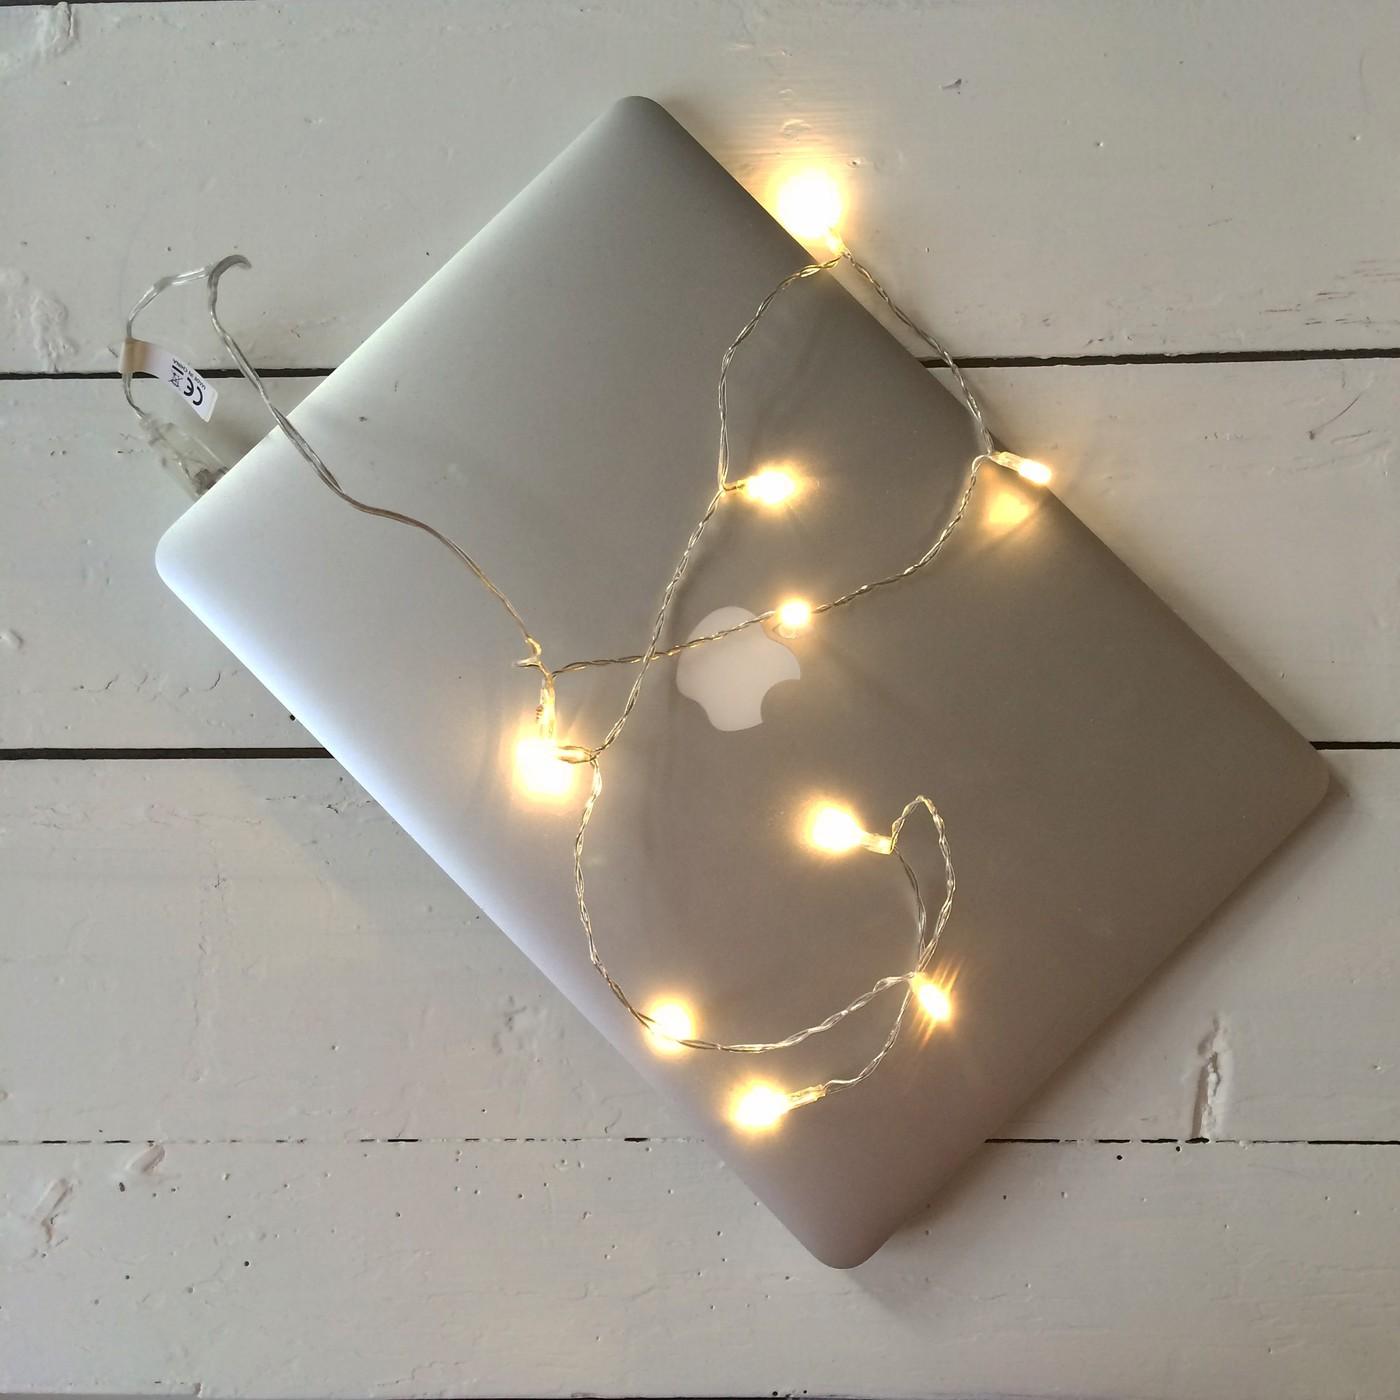 Lasimestarin silli ja tietokoneen jouluvalot